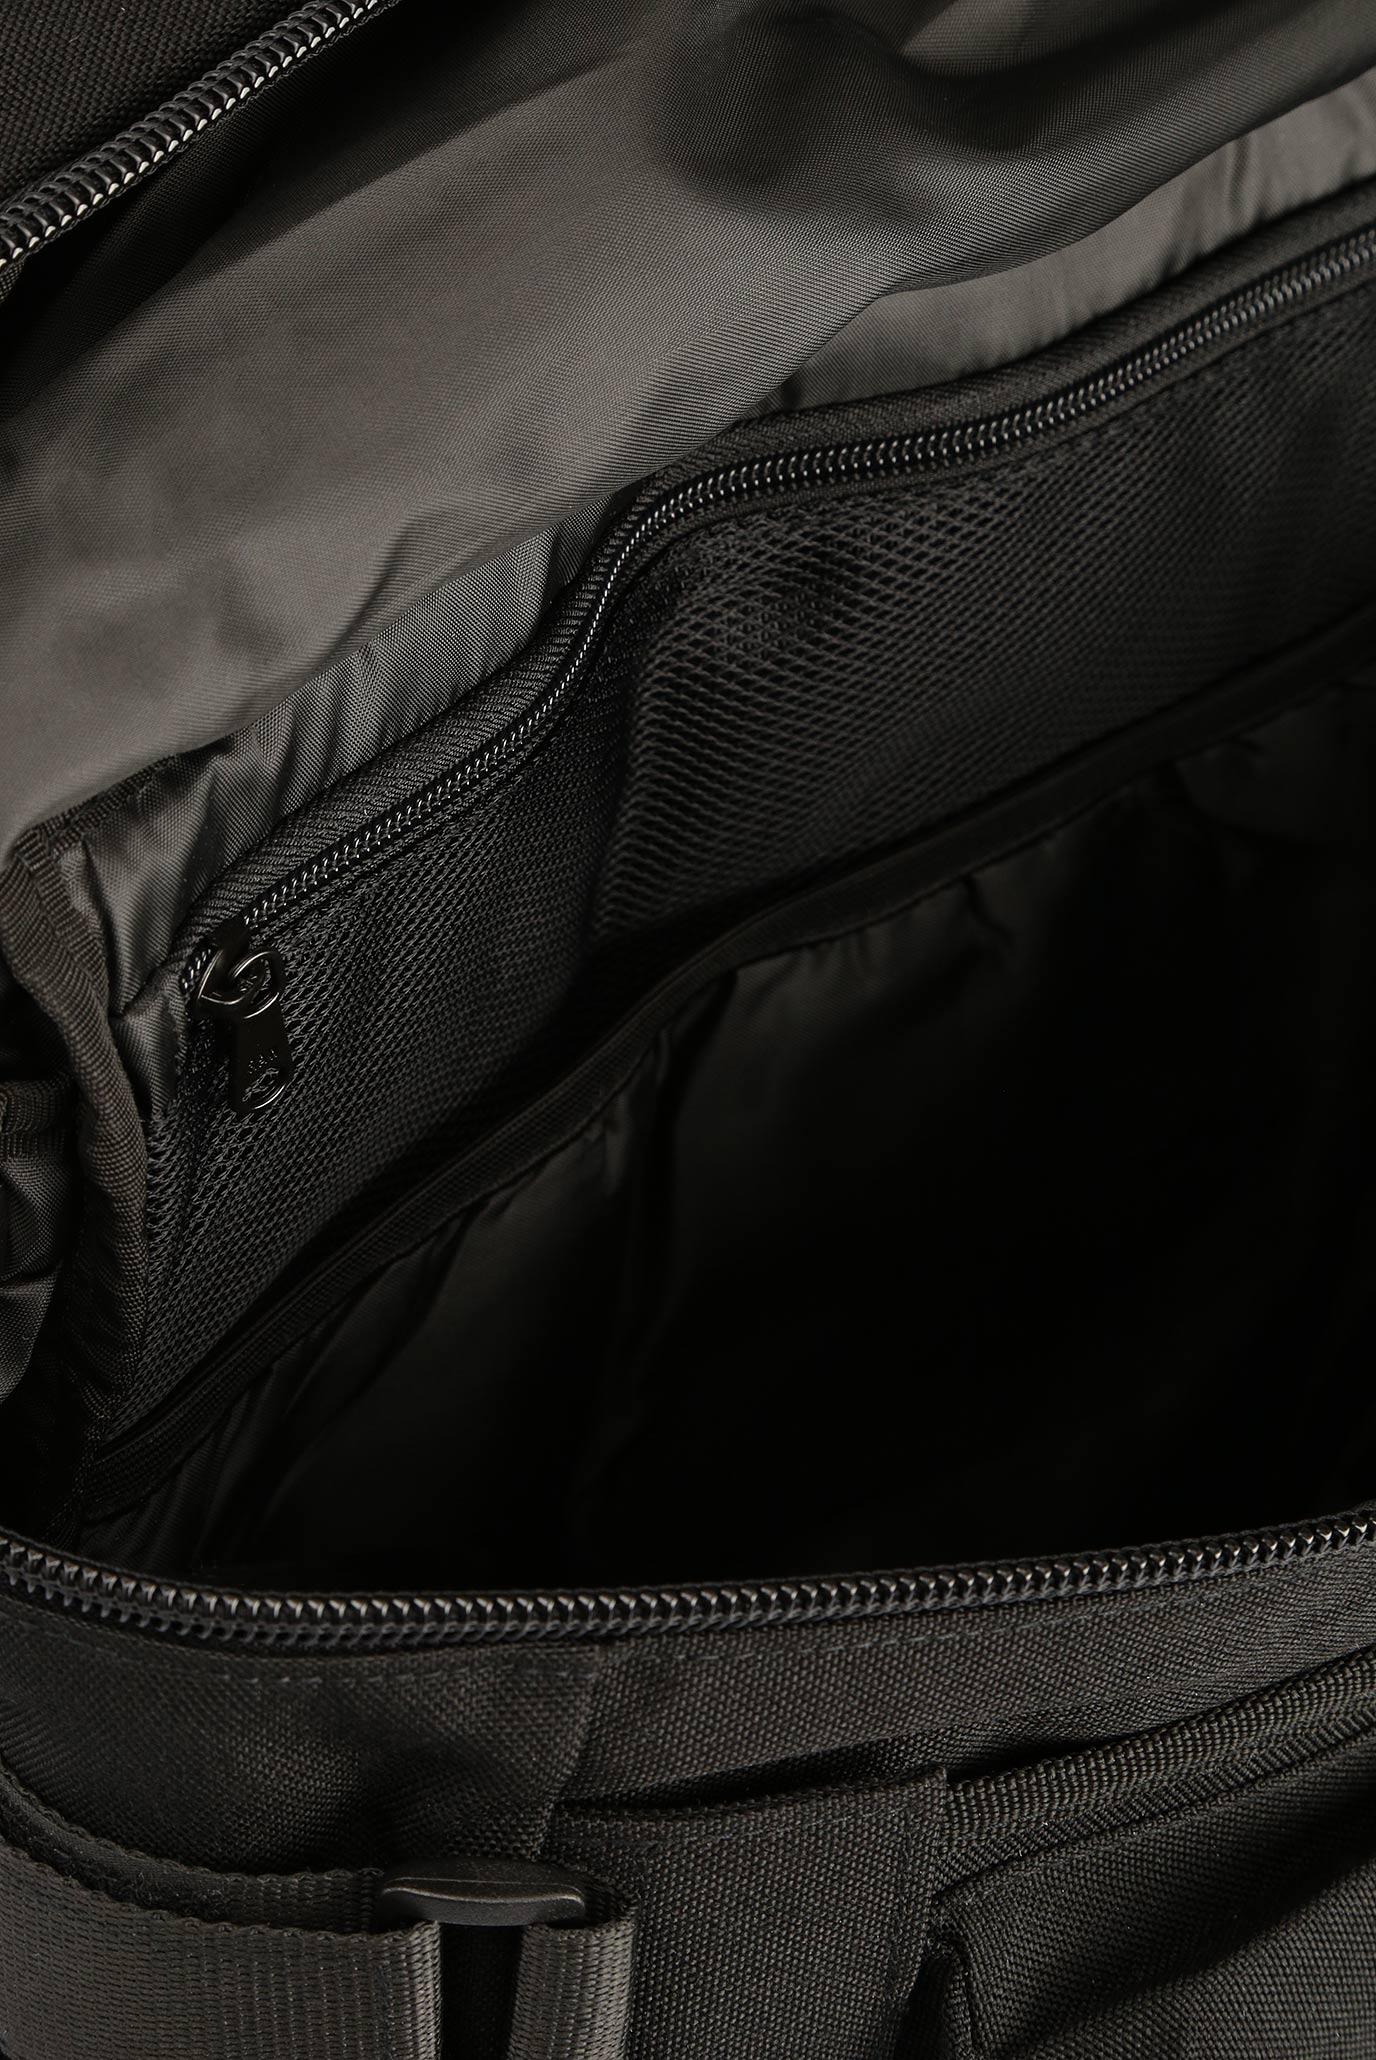 Купить Мужской черный рюкзак G-Star RAW G-Star RAW D07910,9606 – Киев, Украина. Цены в интернет магазине MD Fashion